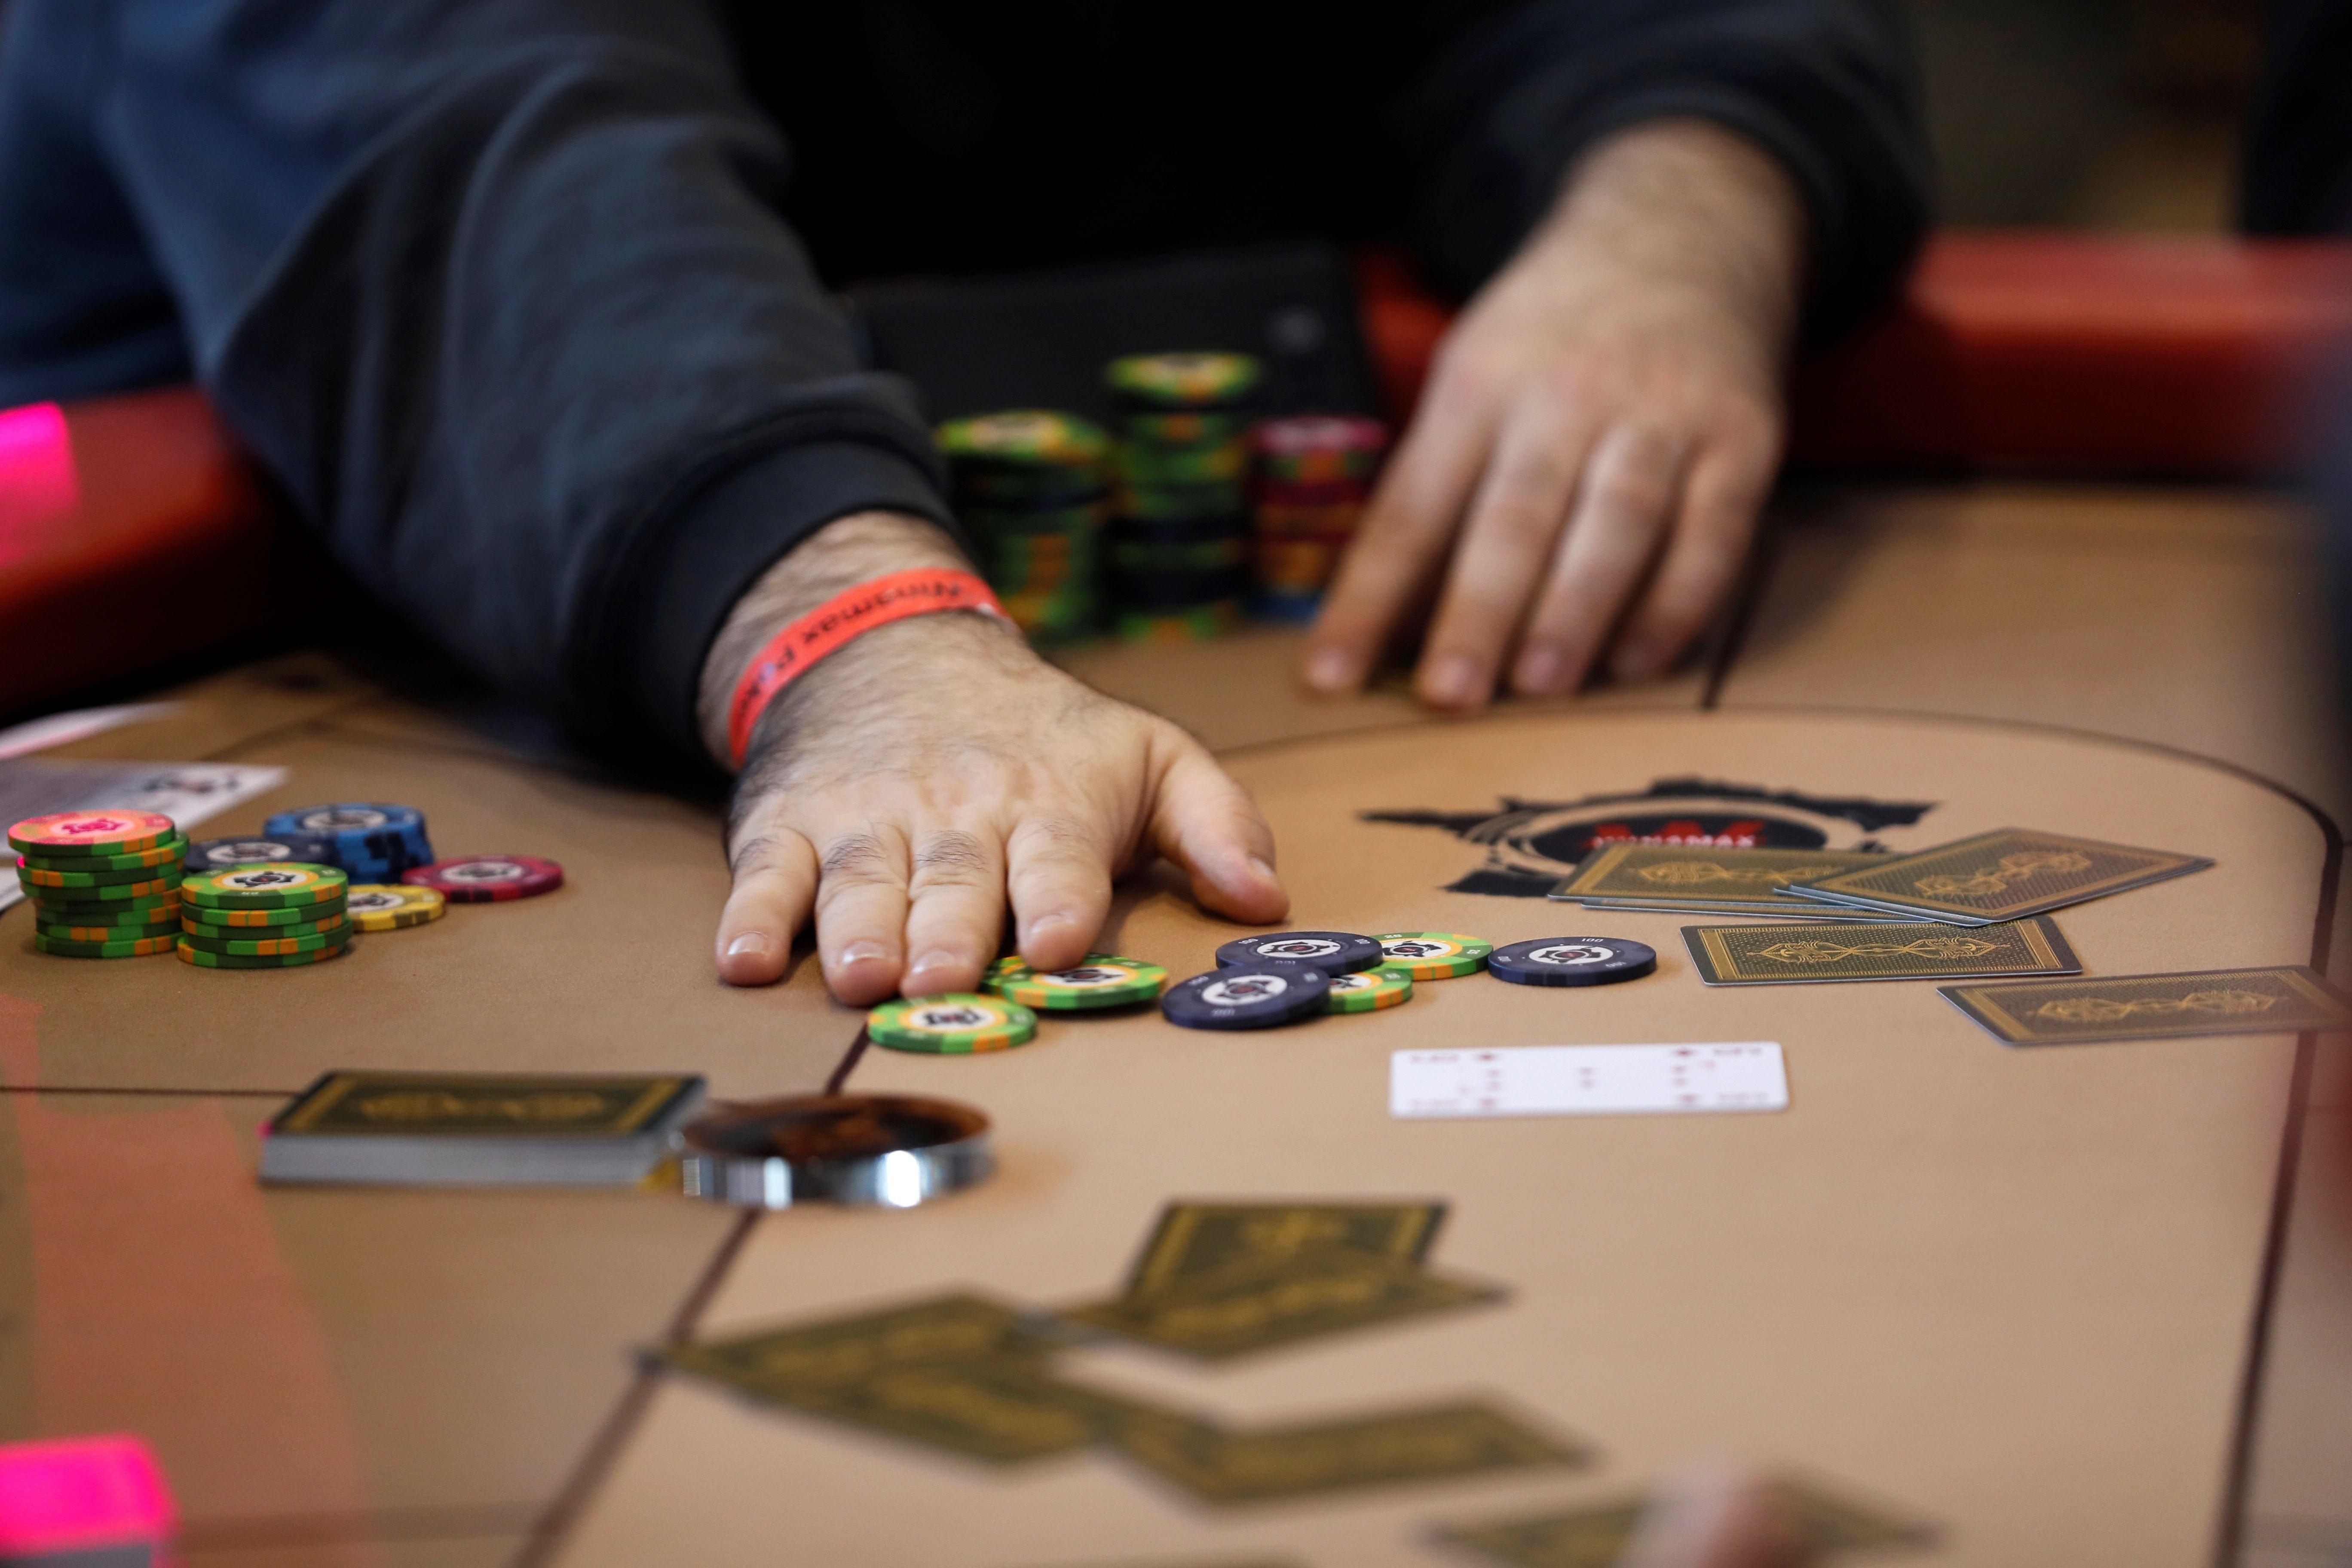 Texas holdem poker kena banned